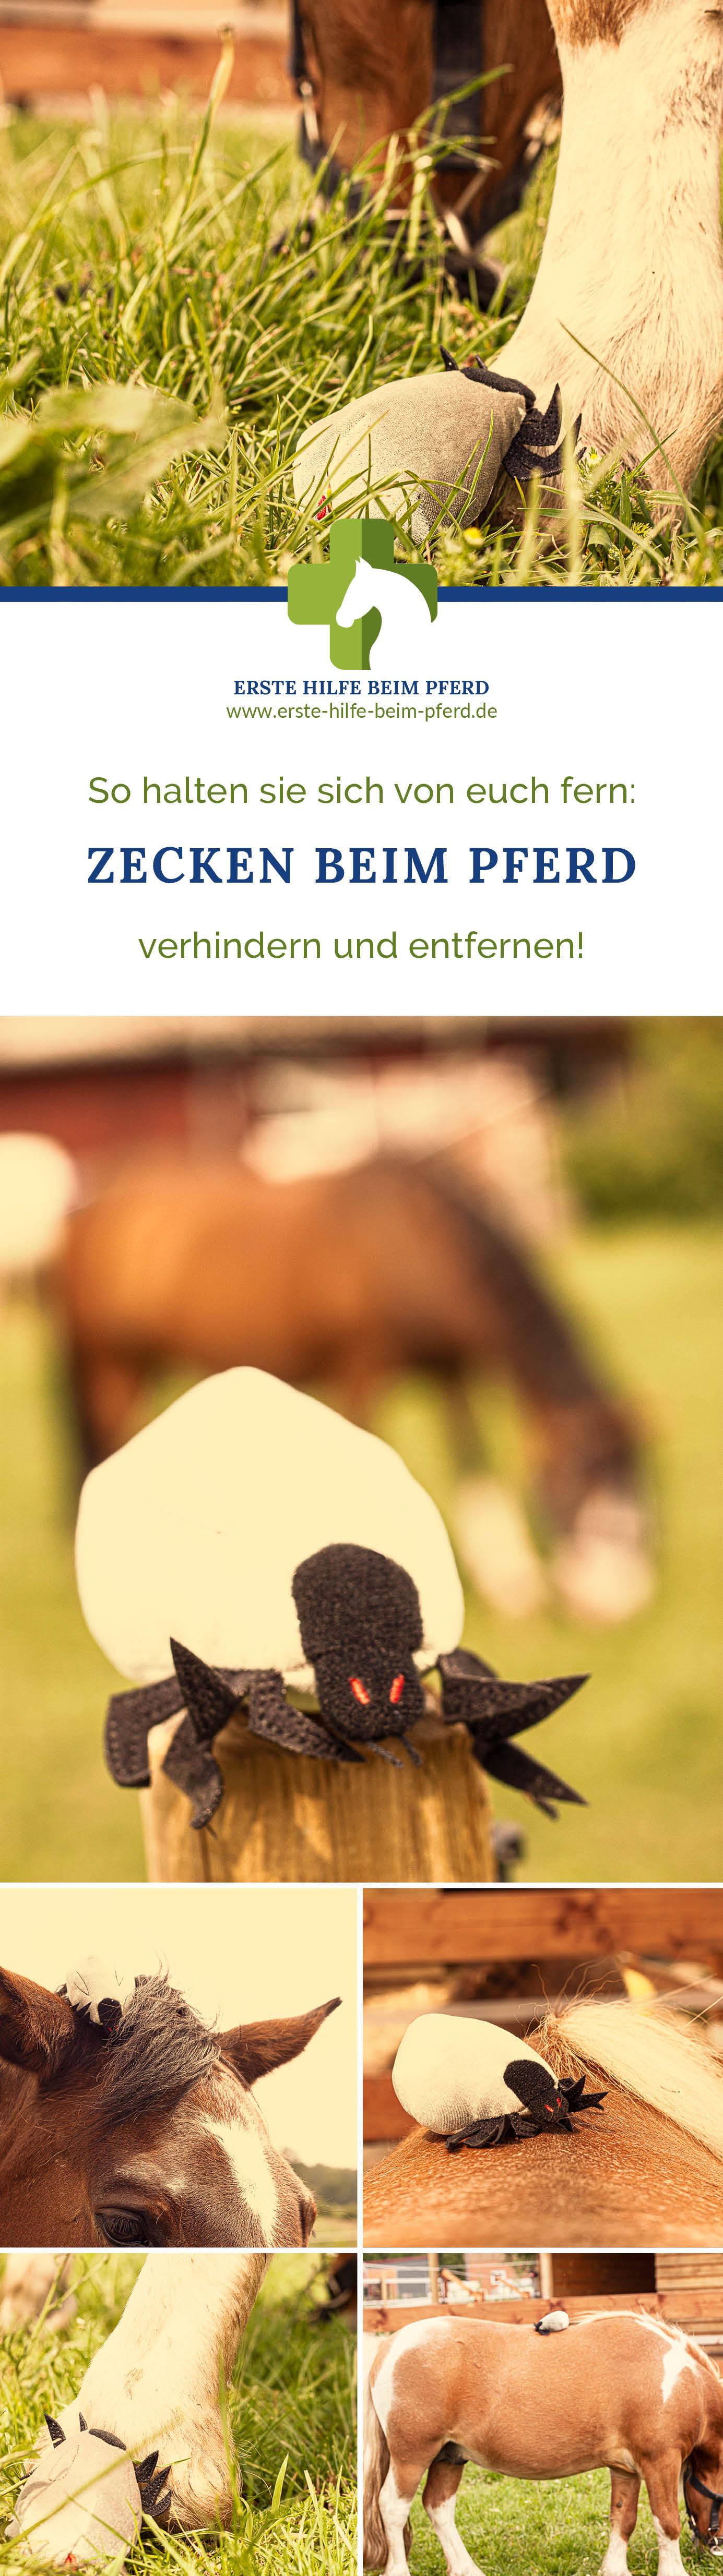 Dein Pferd hat eine Zecke?